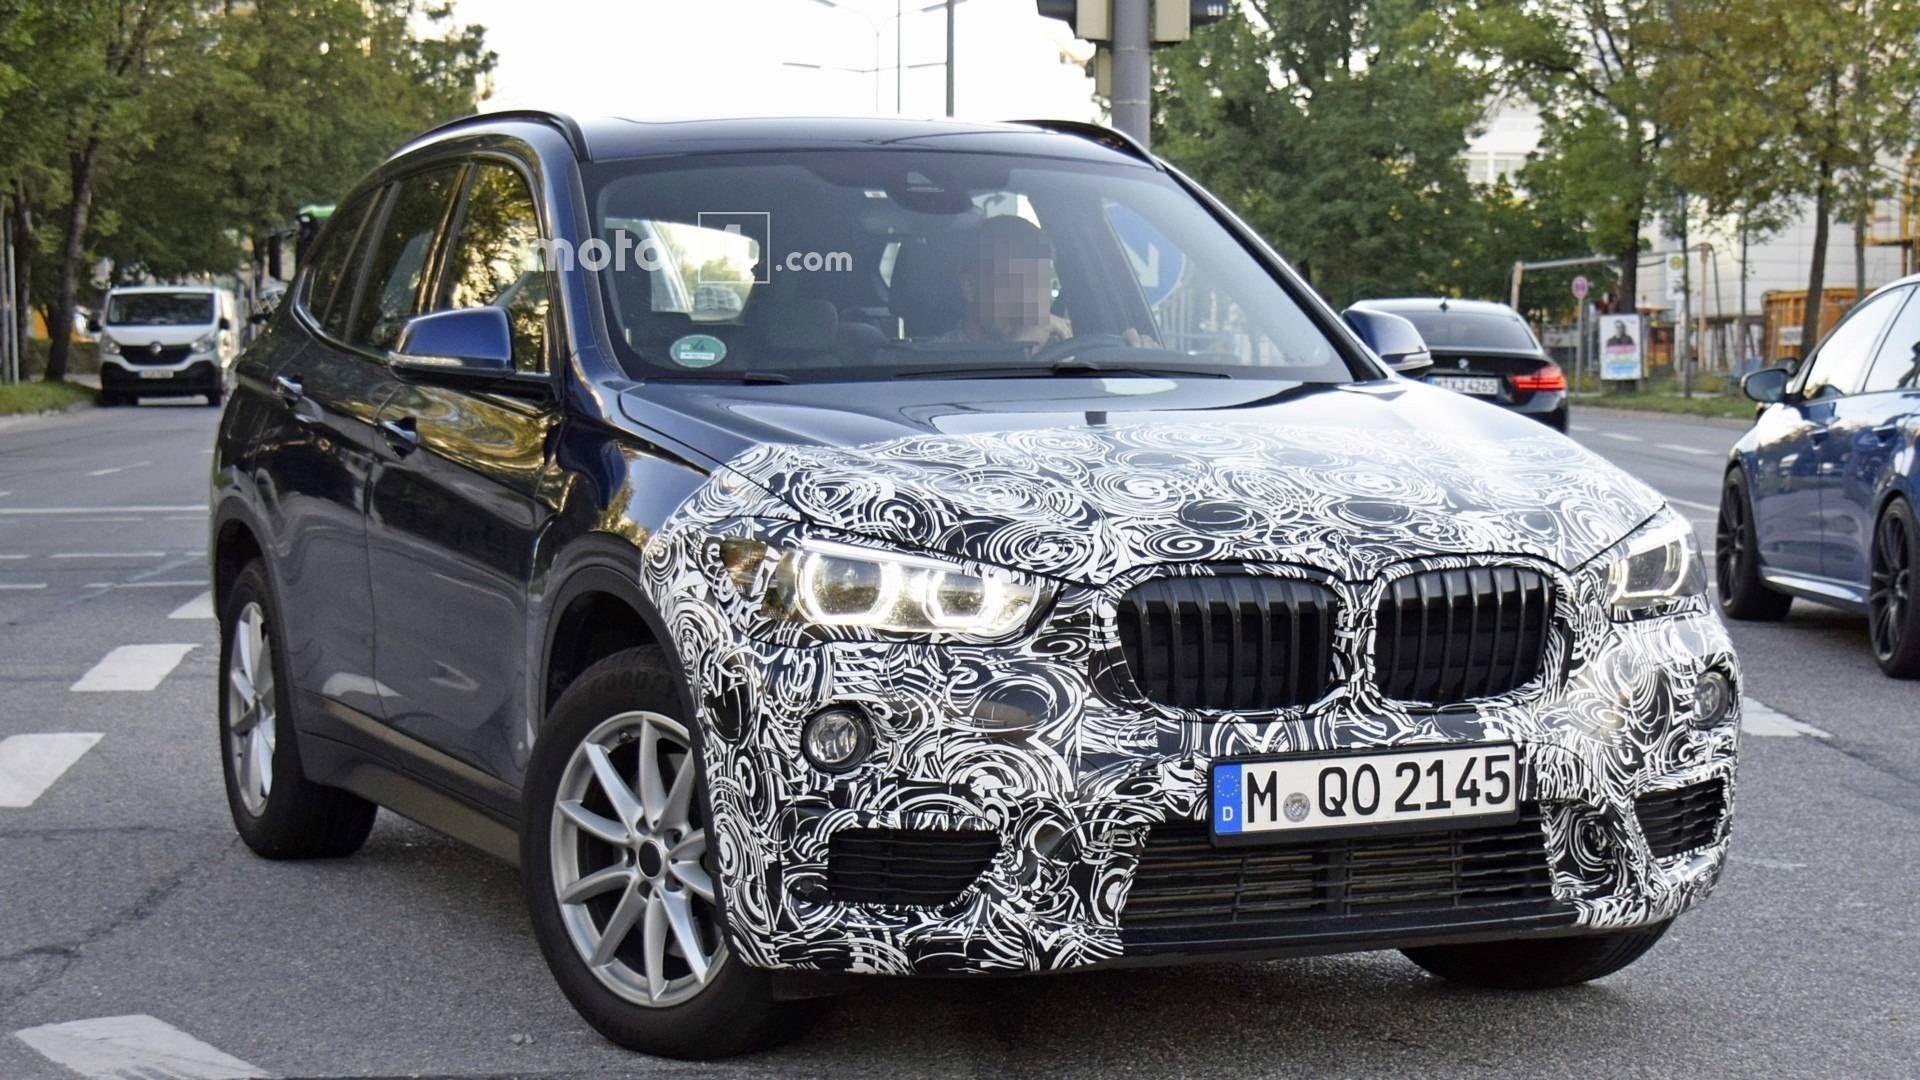 Bmw X1 2020 2020 Bmw X1 Redesign All New Bmw X1 2020 Bmw X1 2020 Bmw X1 2020 Facelift Bmw X1 2020 Interior Bmw X1 2020 Model Neuer Bmw New Bmw Cars Com